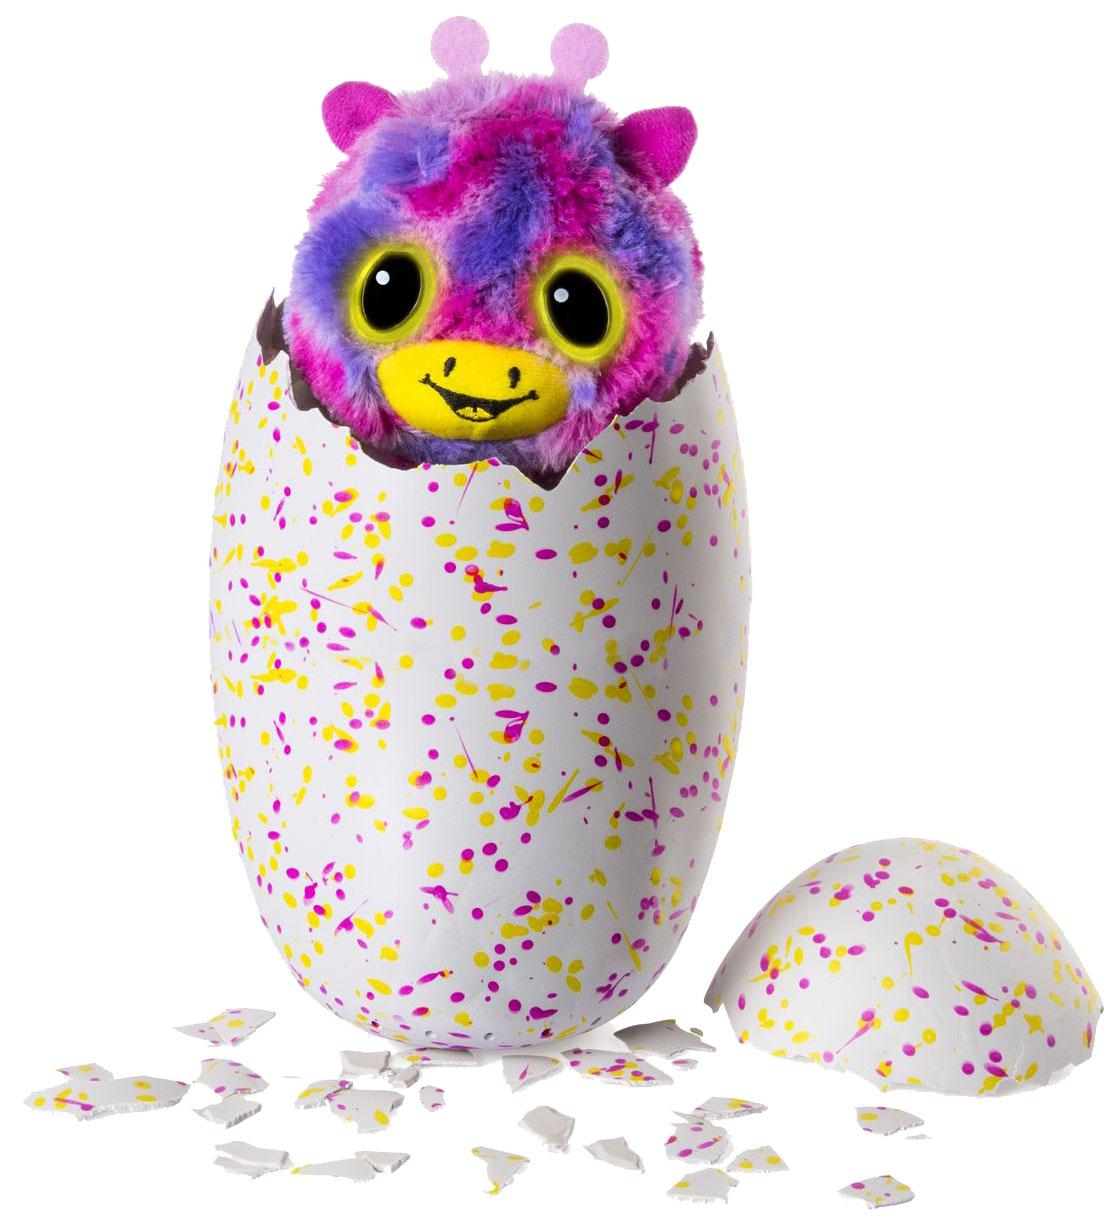 Интерактивная игрушка Hatchimals сюрприз близнецы вылупляющиеся из яйца 19110-PINK